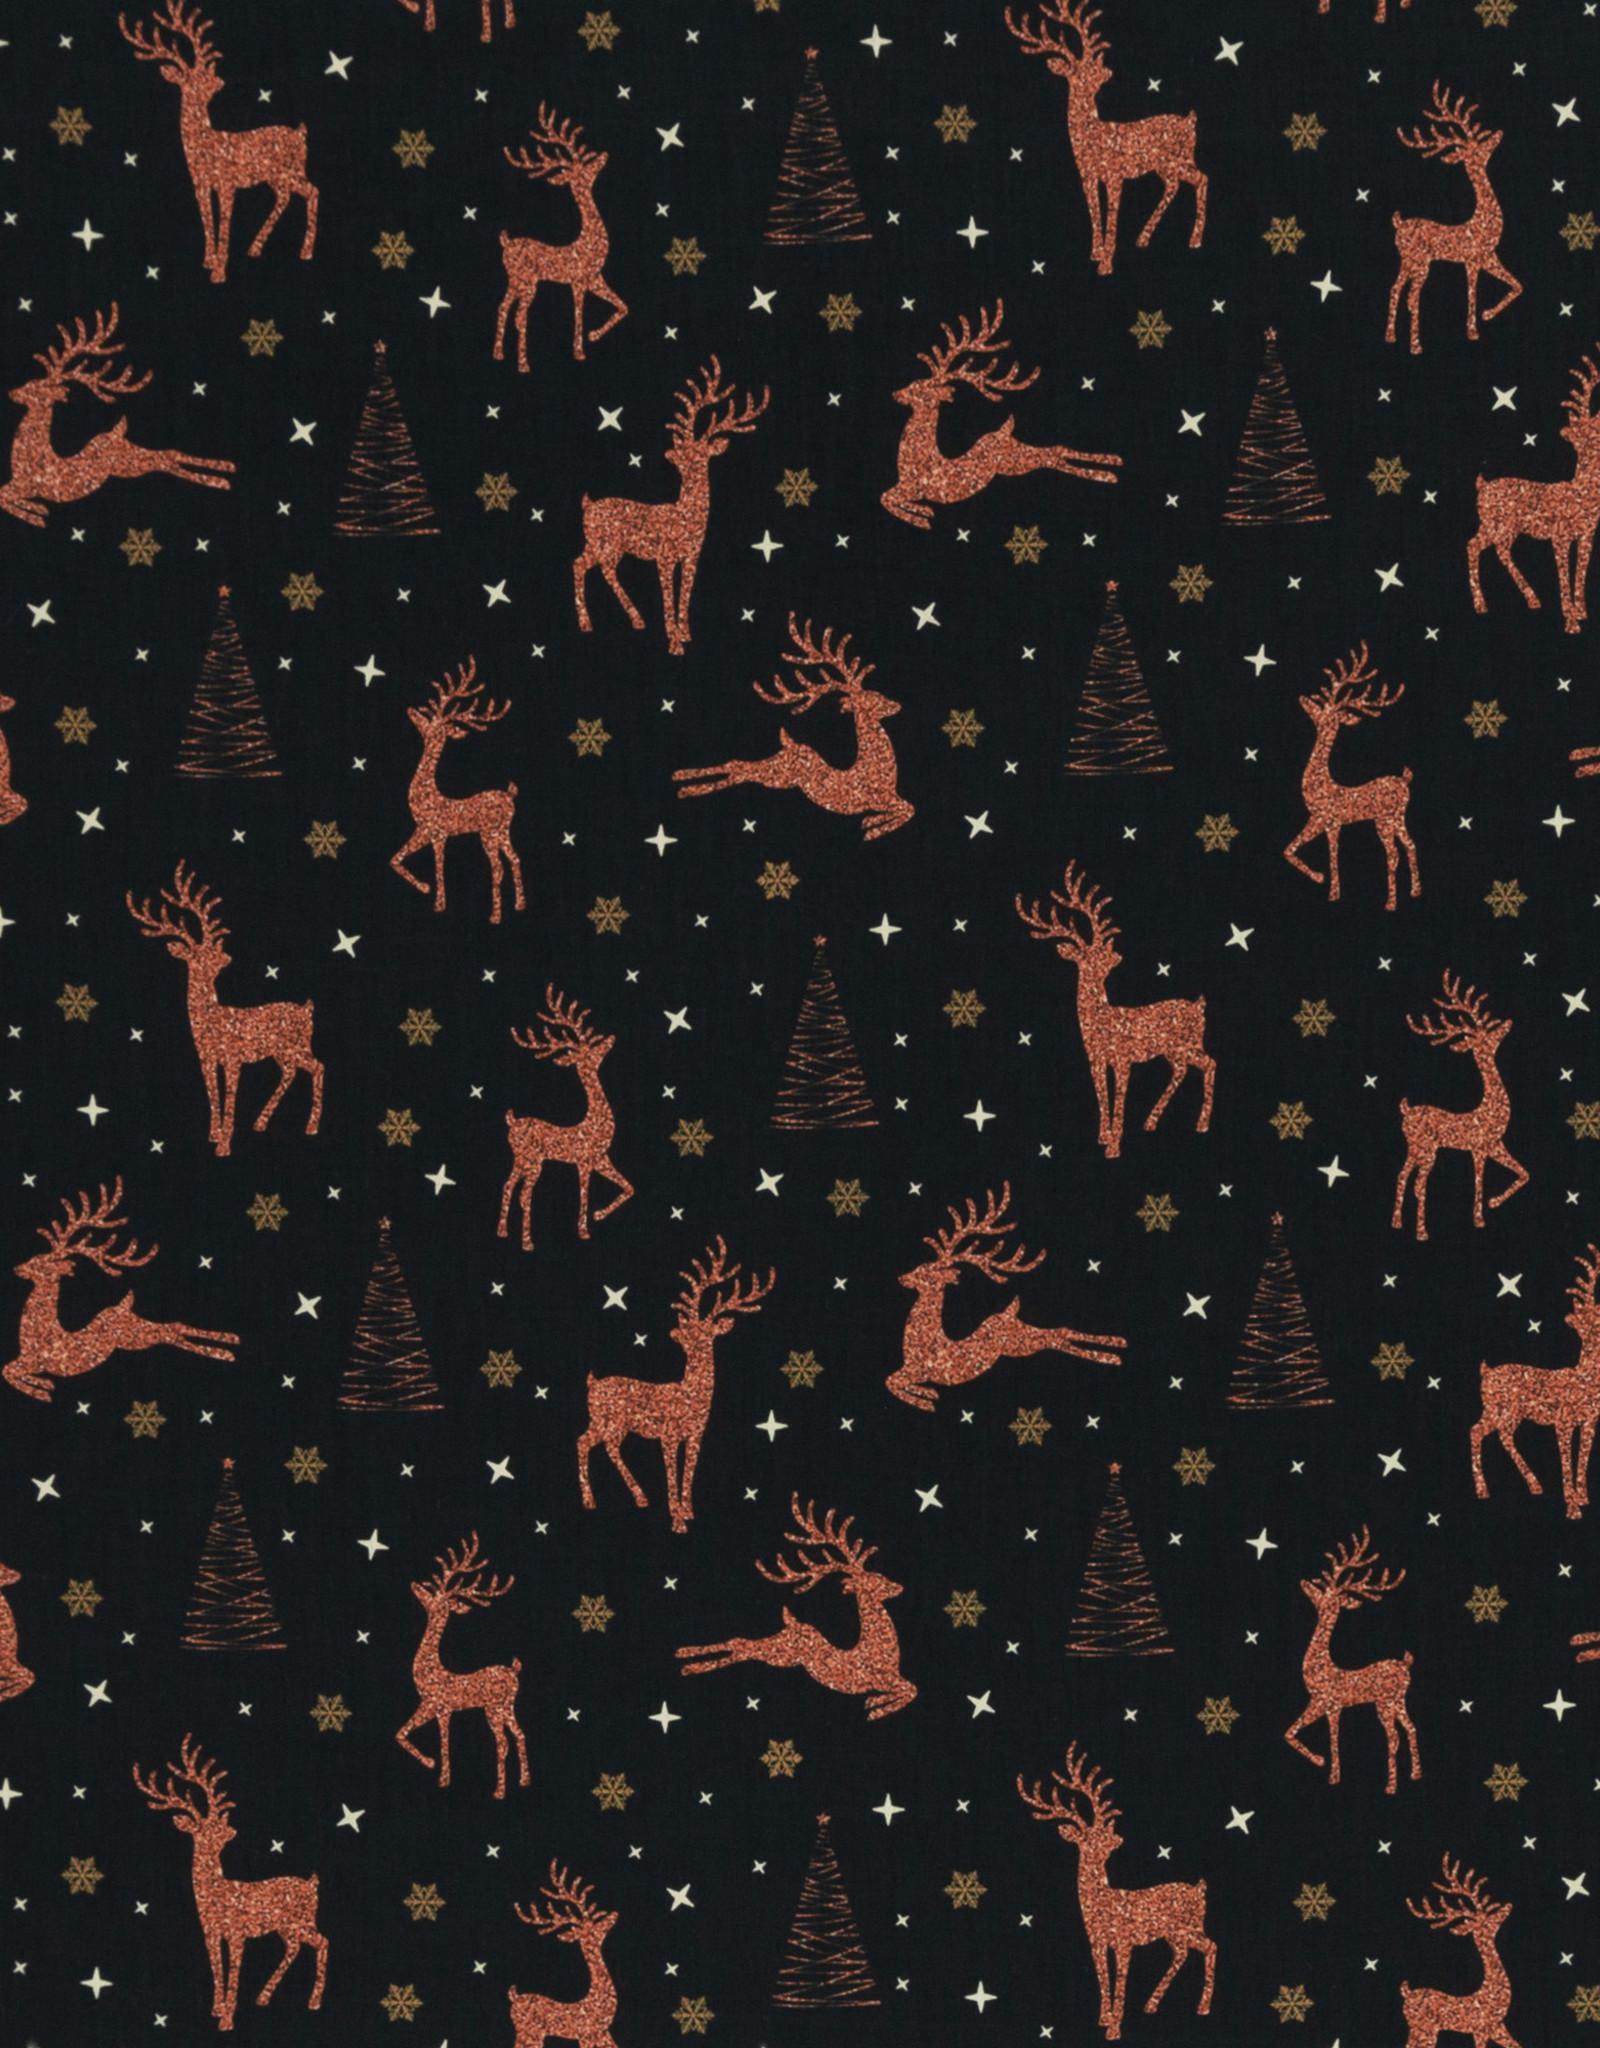 Reindeer copper